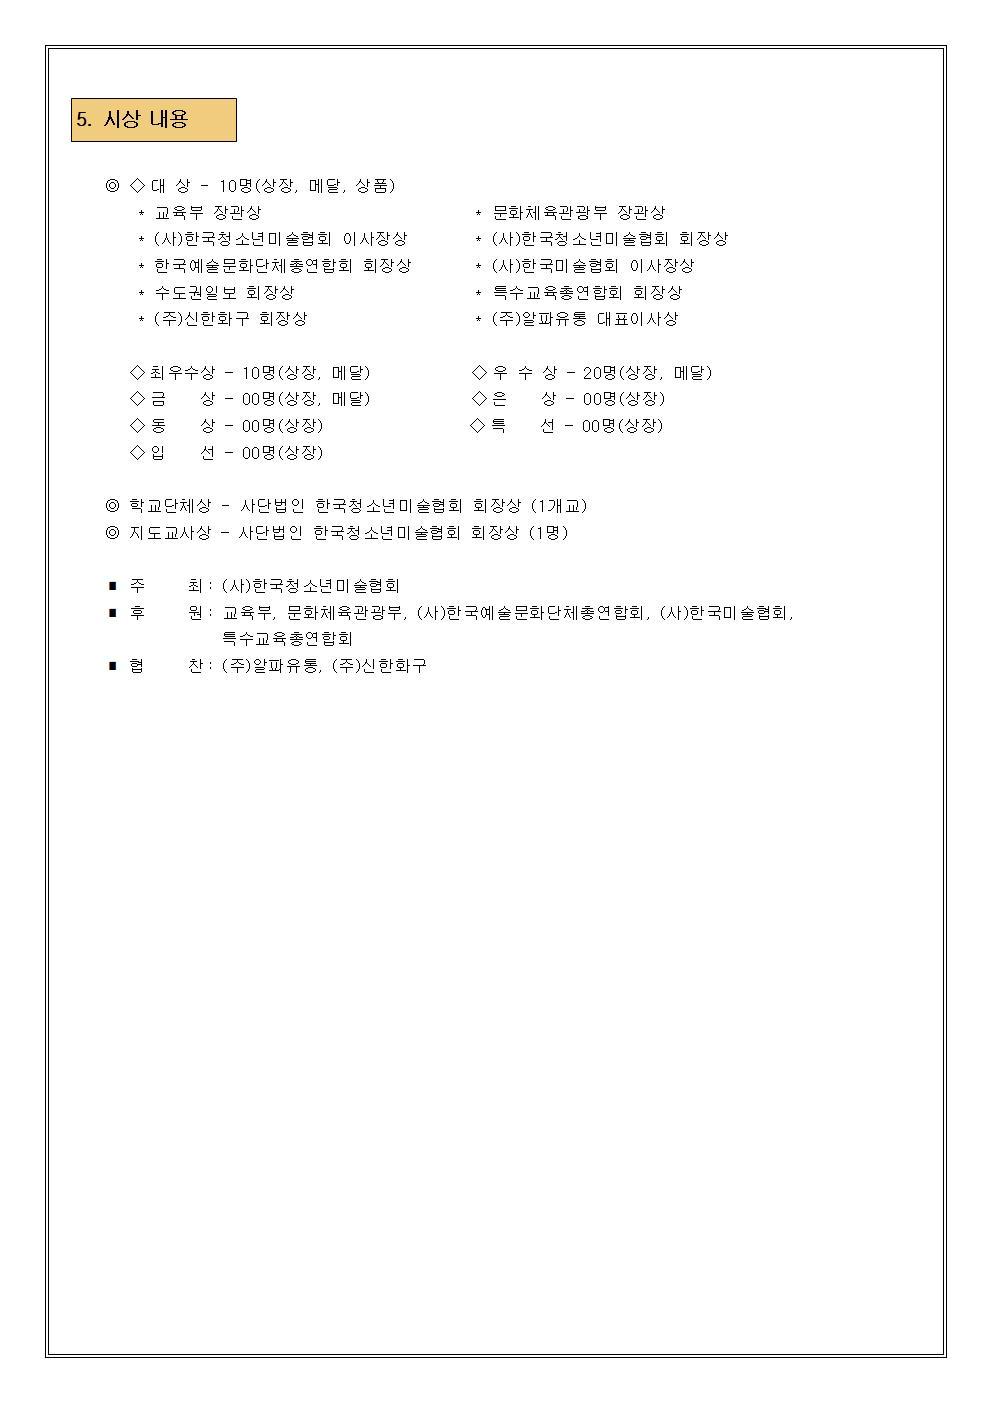 f95735095cb04cb41805dfe599c5e0cc_1587362103_0742.jpg